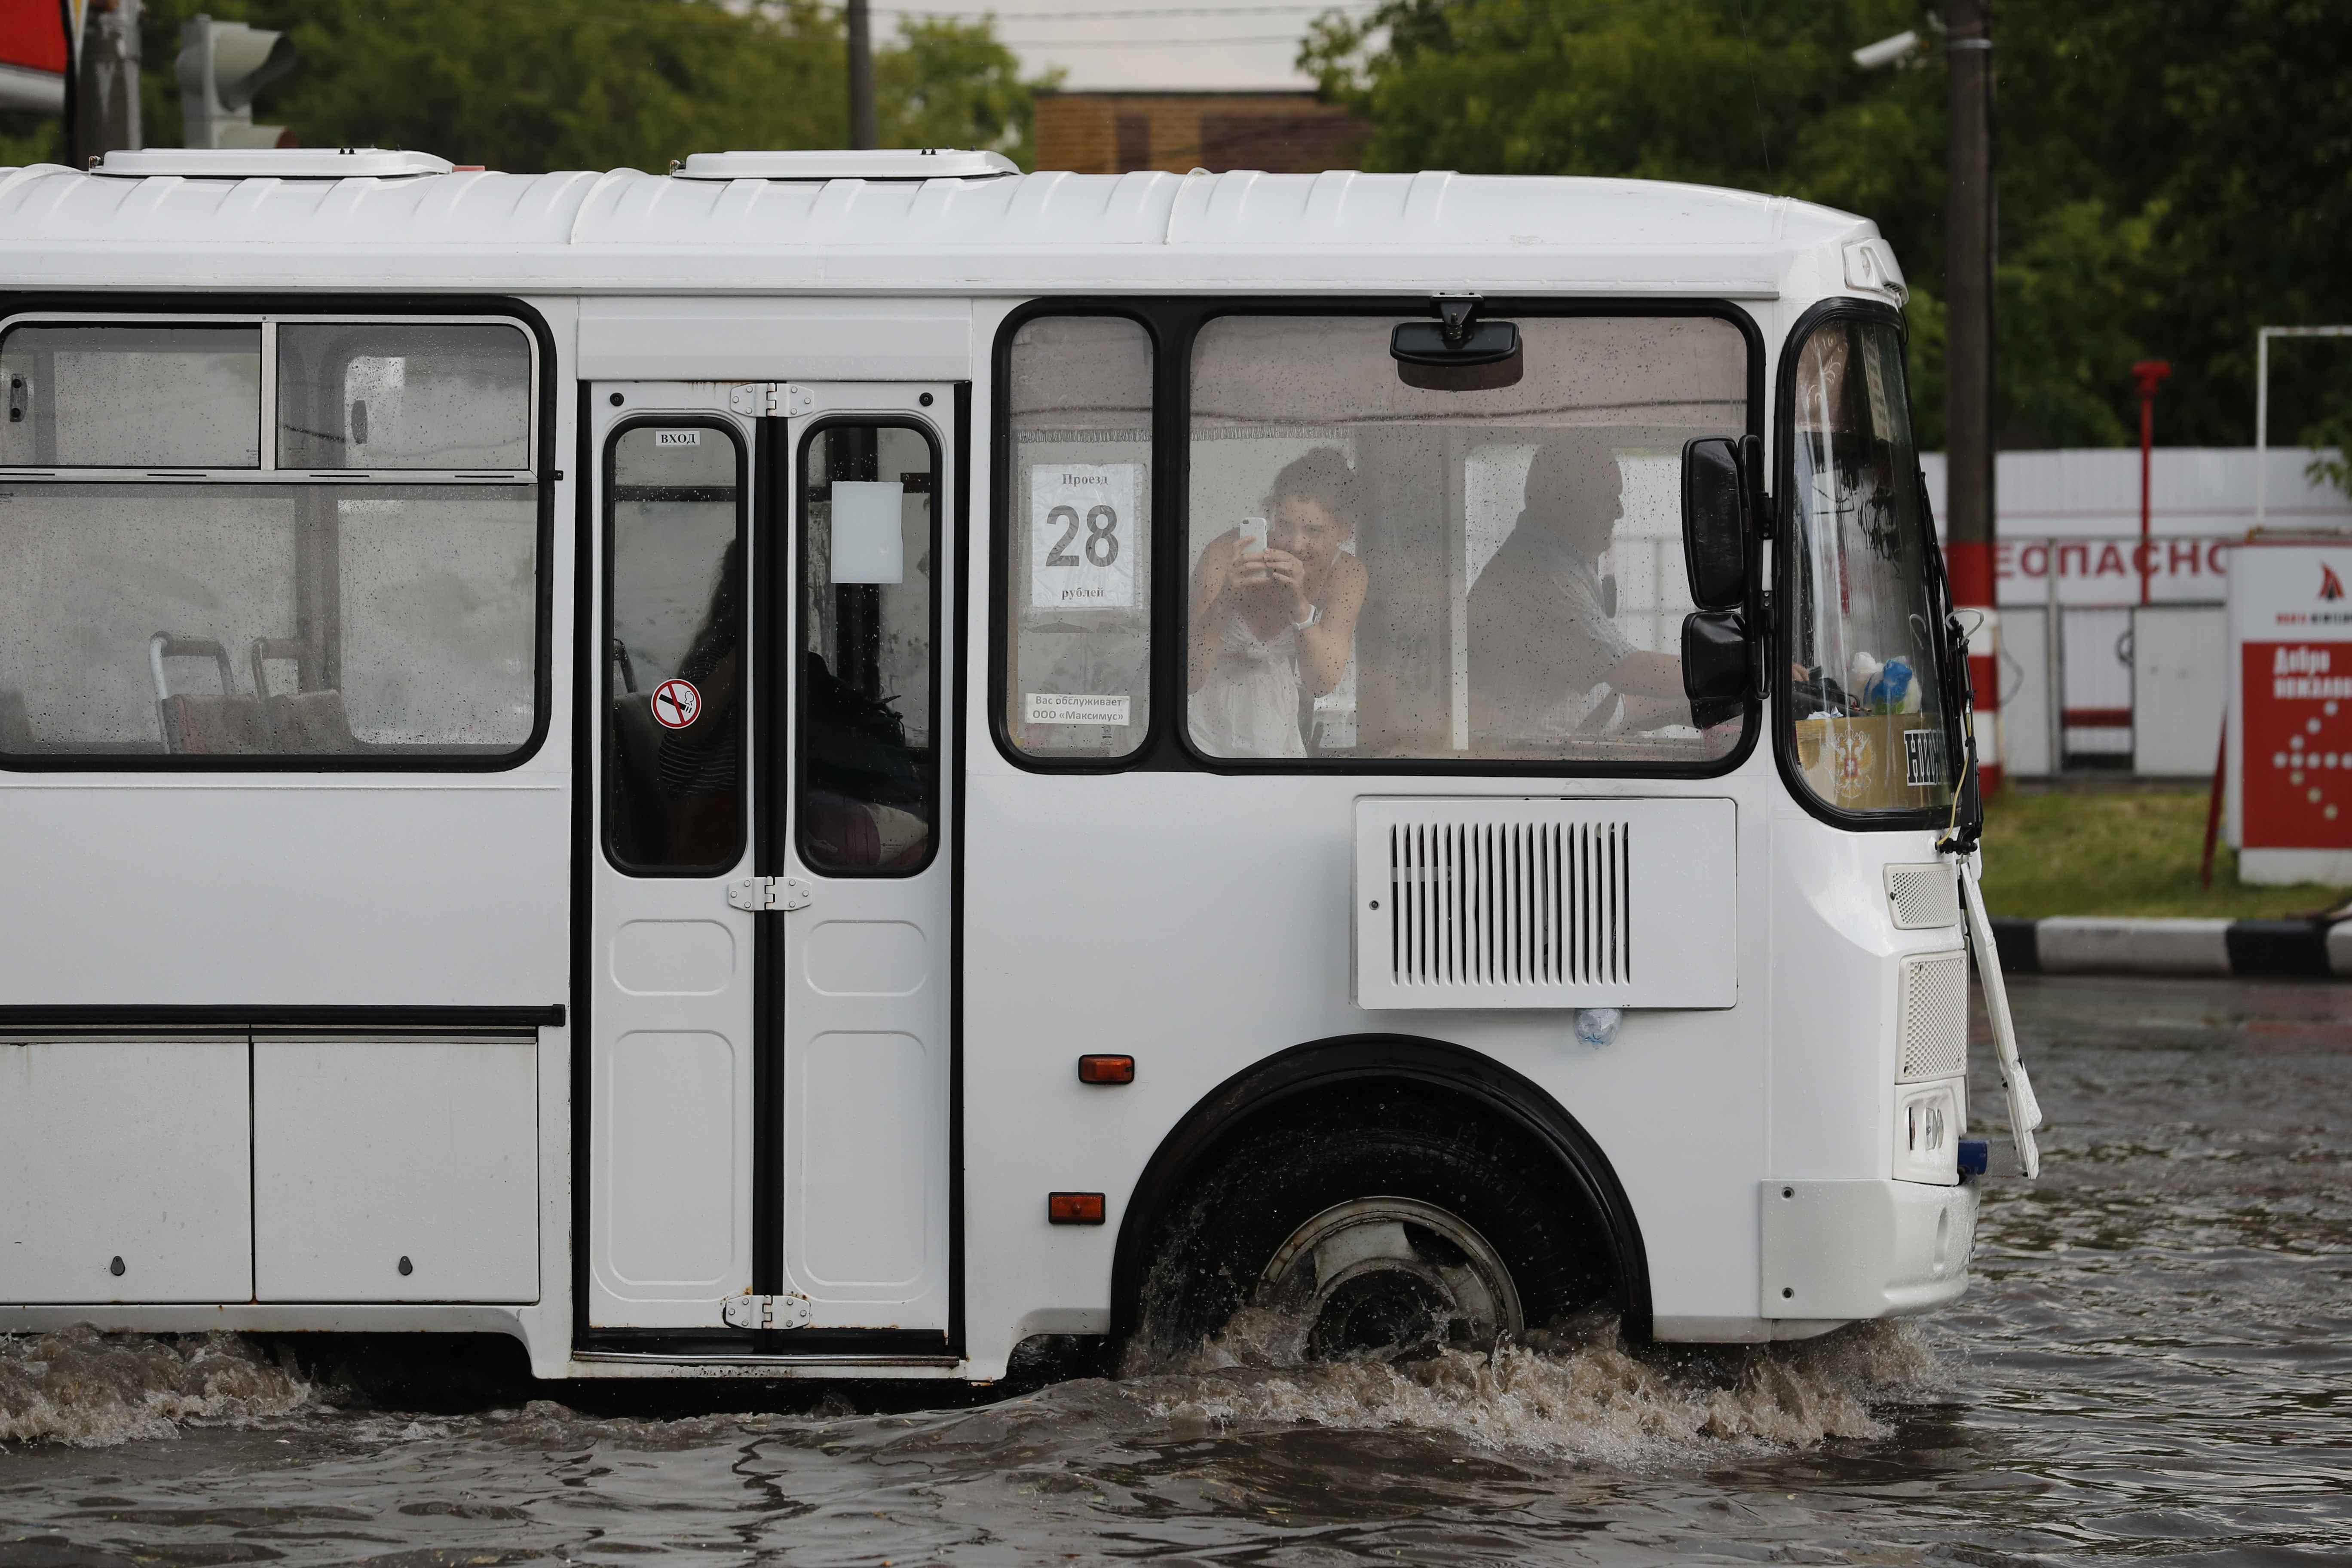 إمرأة تلتقط صورة عبر المحمول للشوارع الغارقة بالمياه